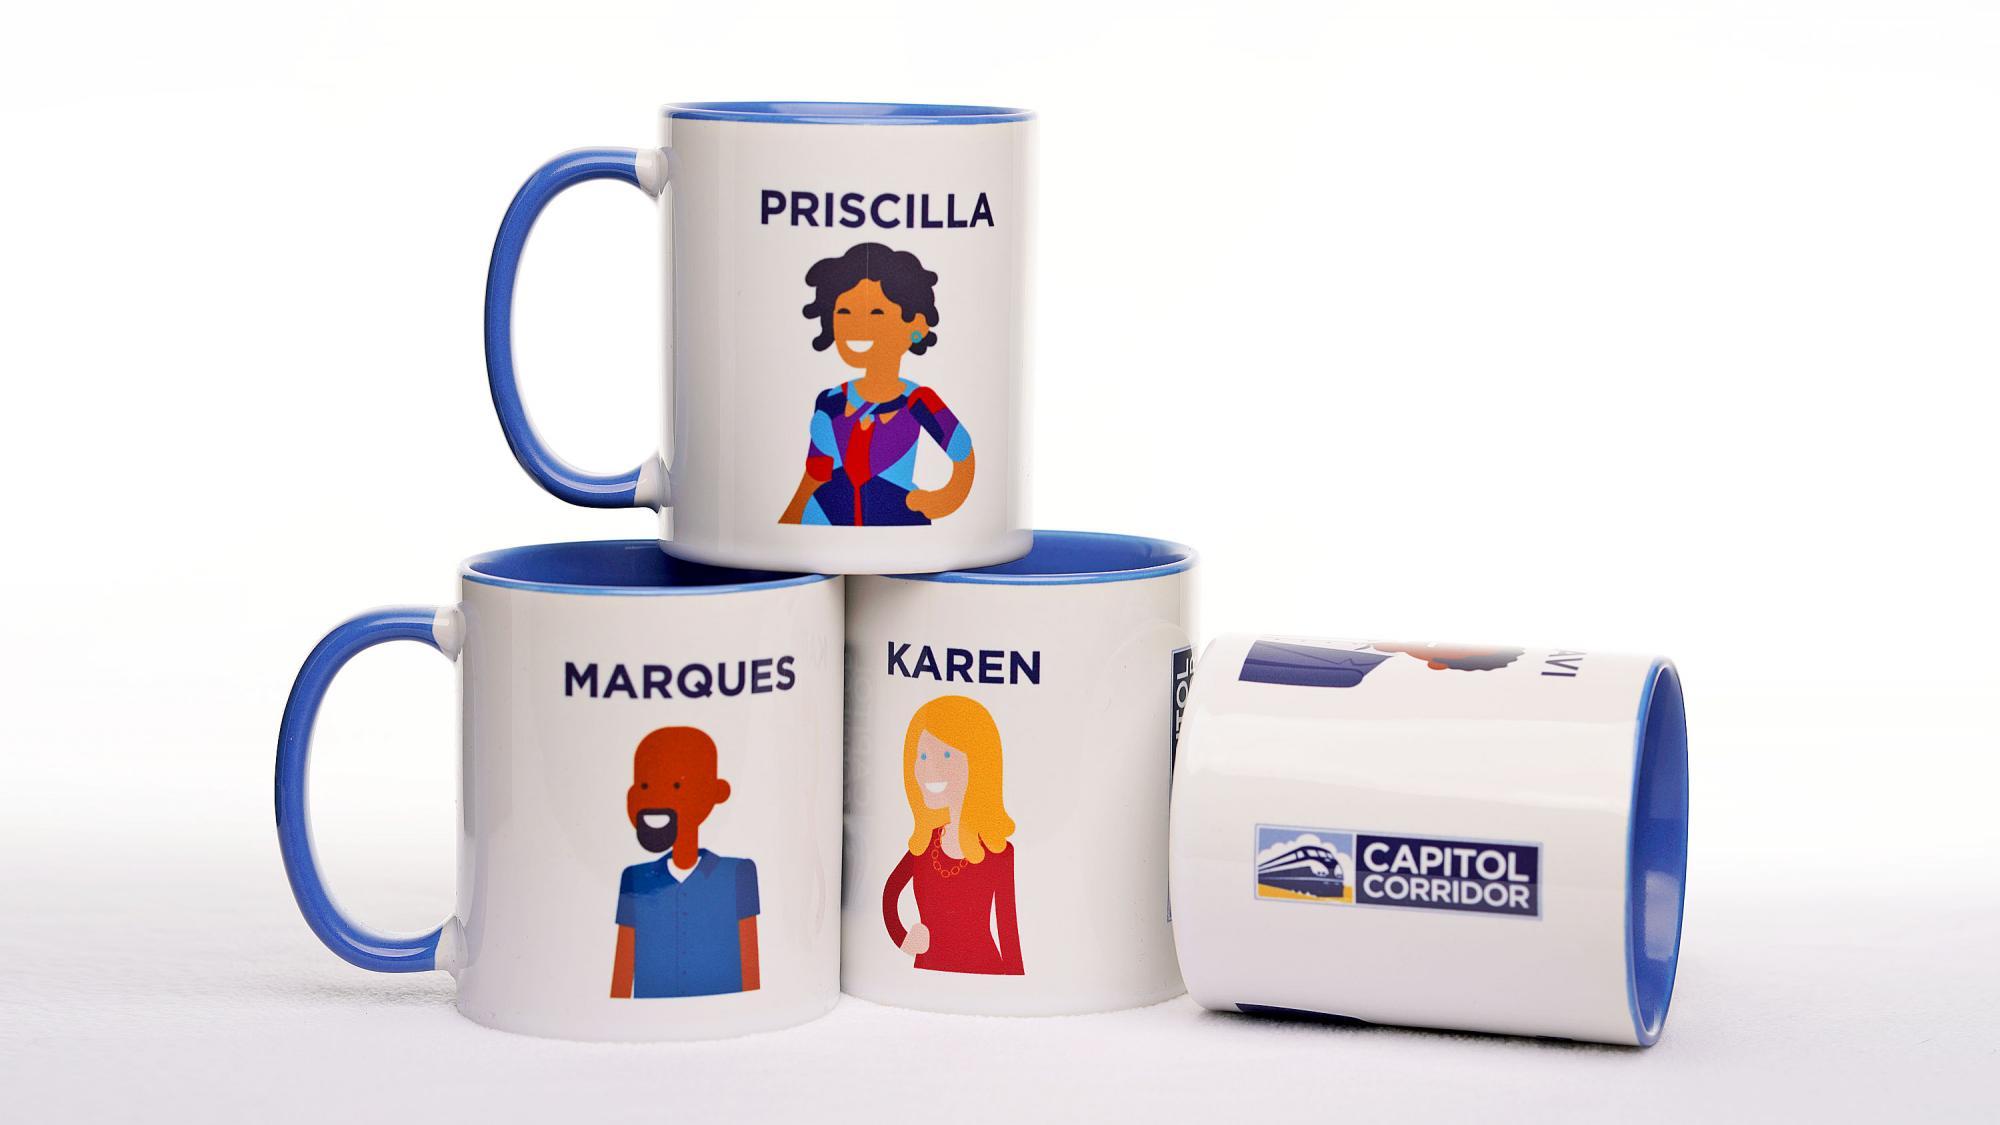 Capitol Corridor Cups